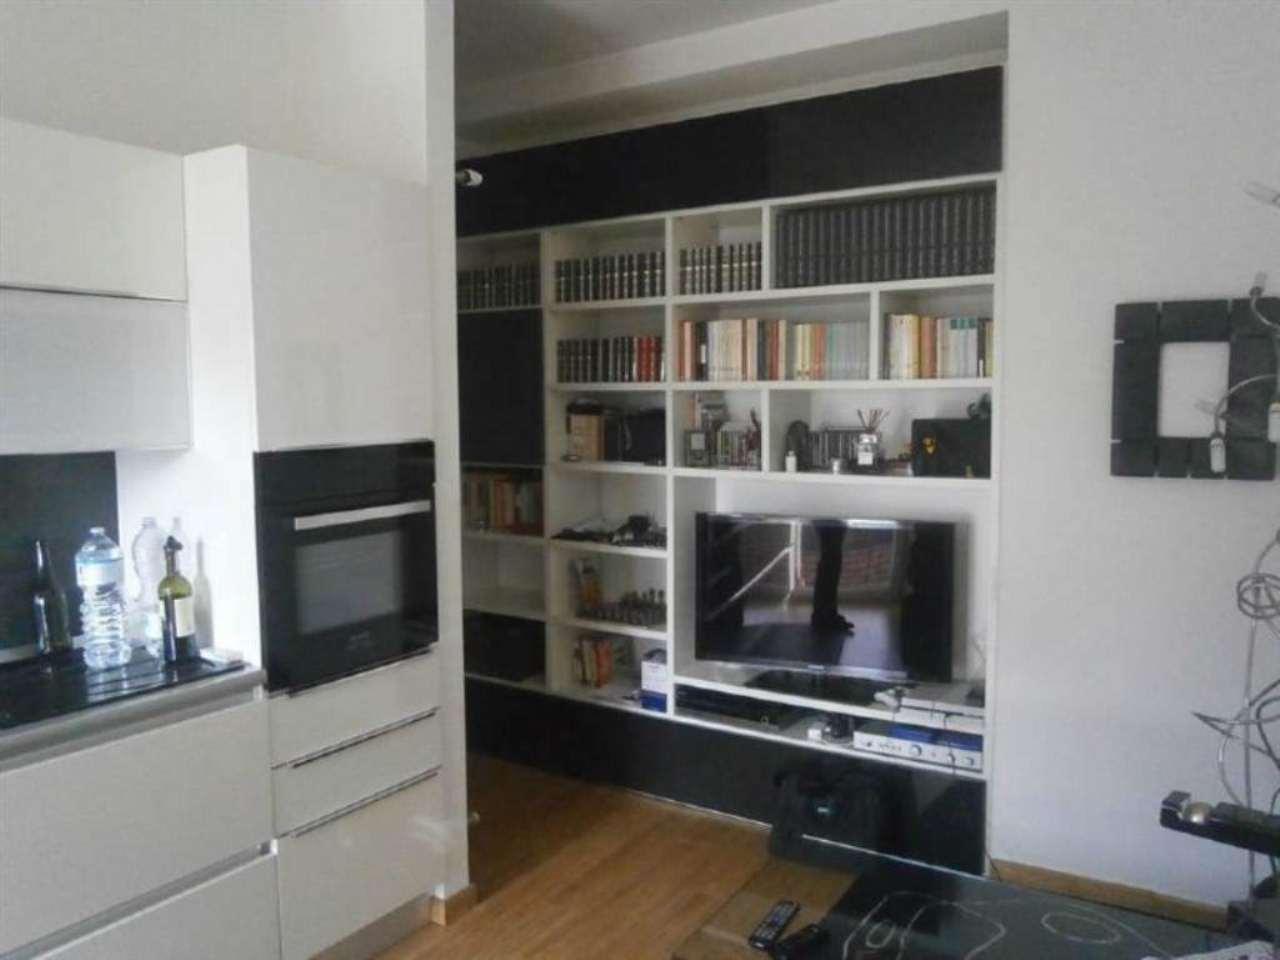 Appartamento in vendita a Milano, 2 locali, zona Zona: 17 . Quarto Oggiaro, Villapizzone, Certosa, Vialba, prezzo € 100.000   Cambio Casa.it